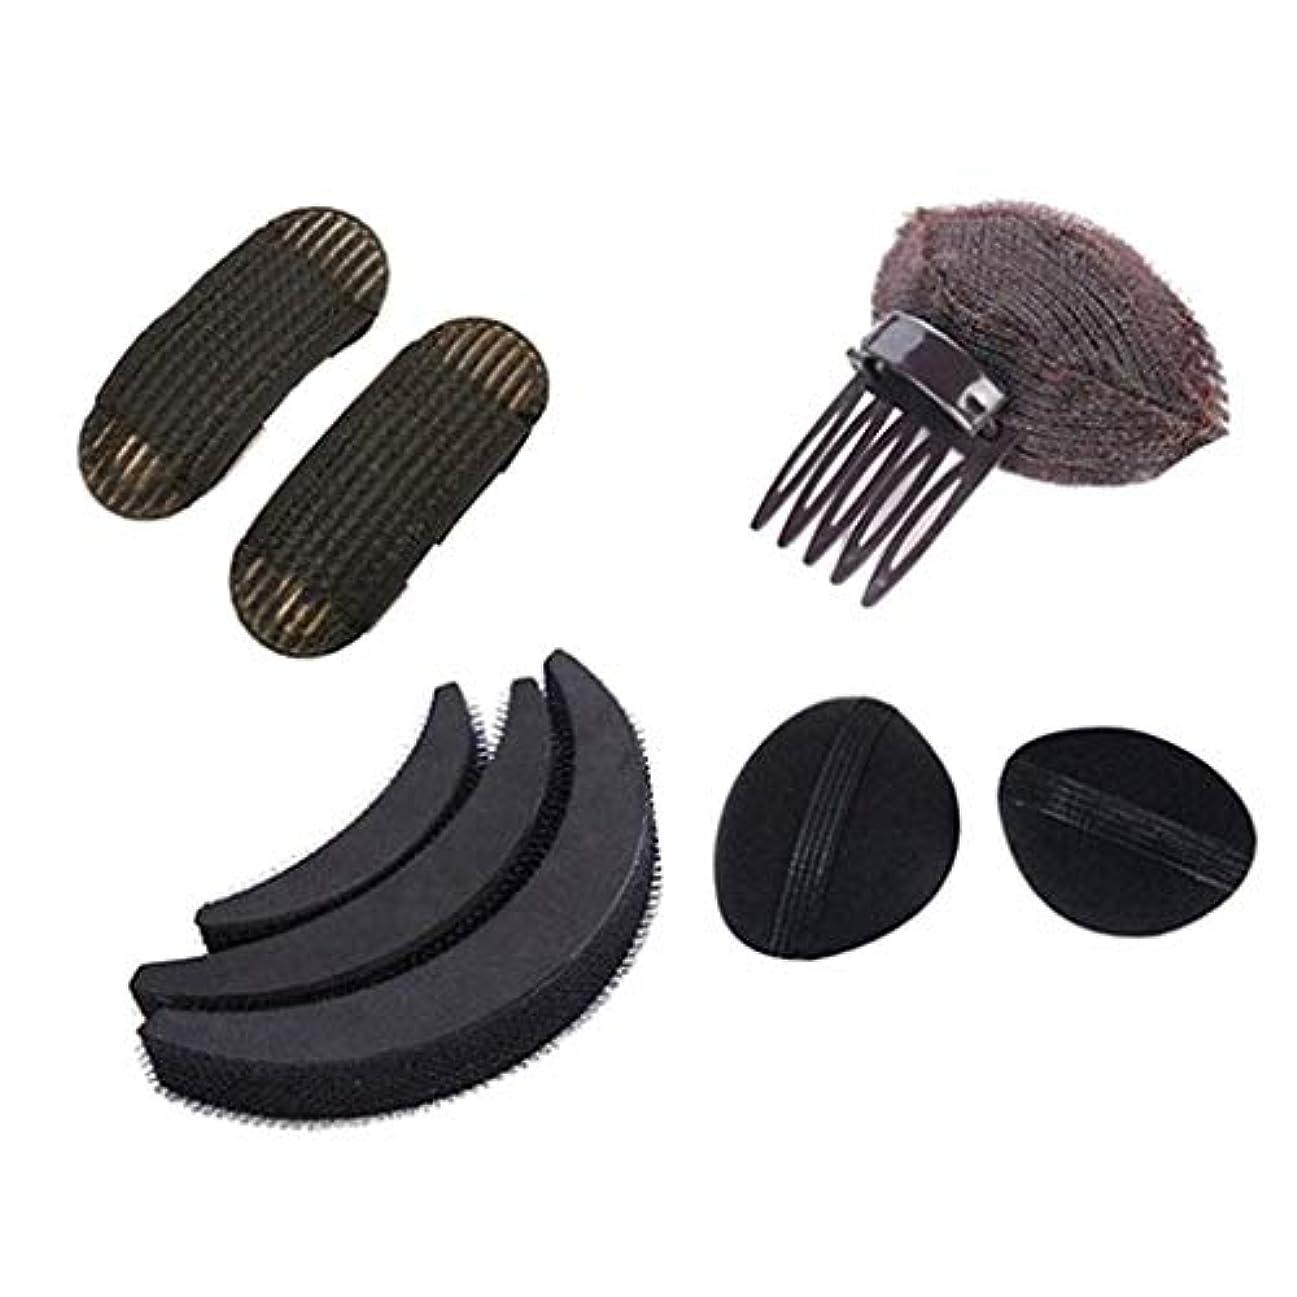 不従順ニュージーランド促す女の子 ヘアスタイルツールキット ヘアスタイリング 髪型作成ツール ヘアステッカー 4種類 - B